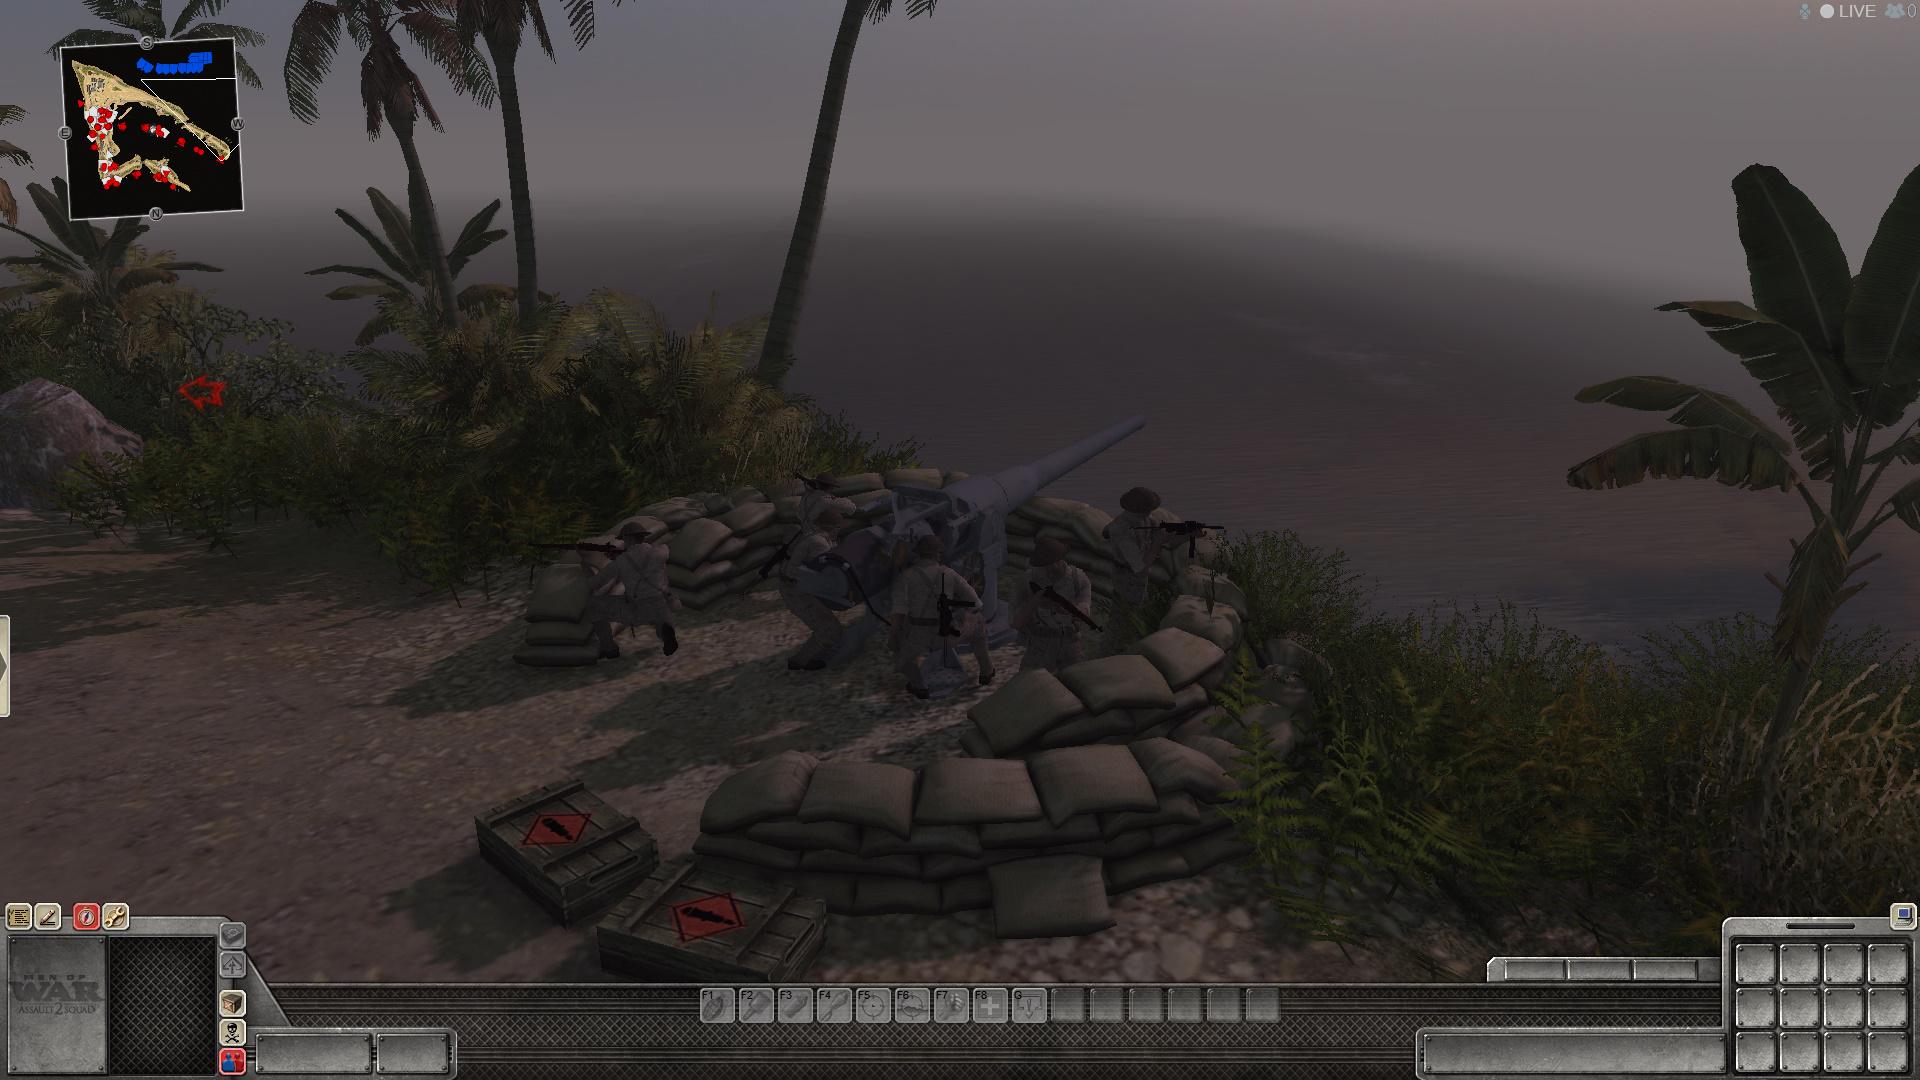 Wake Island Invasion by SturmFuhrer PK (AS2 — 3.262.0) (v19.09.2019)